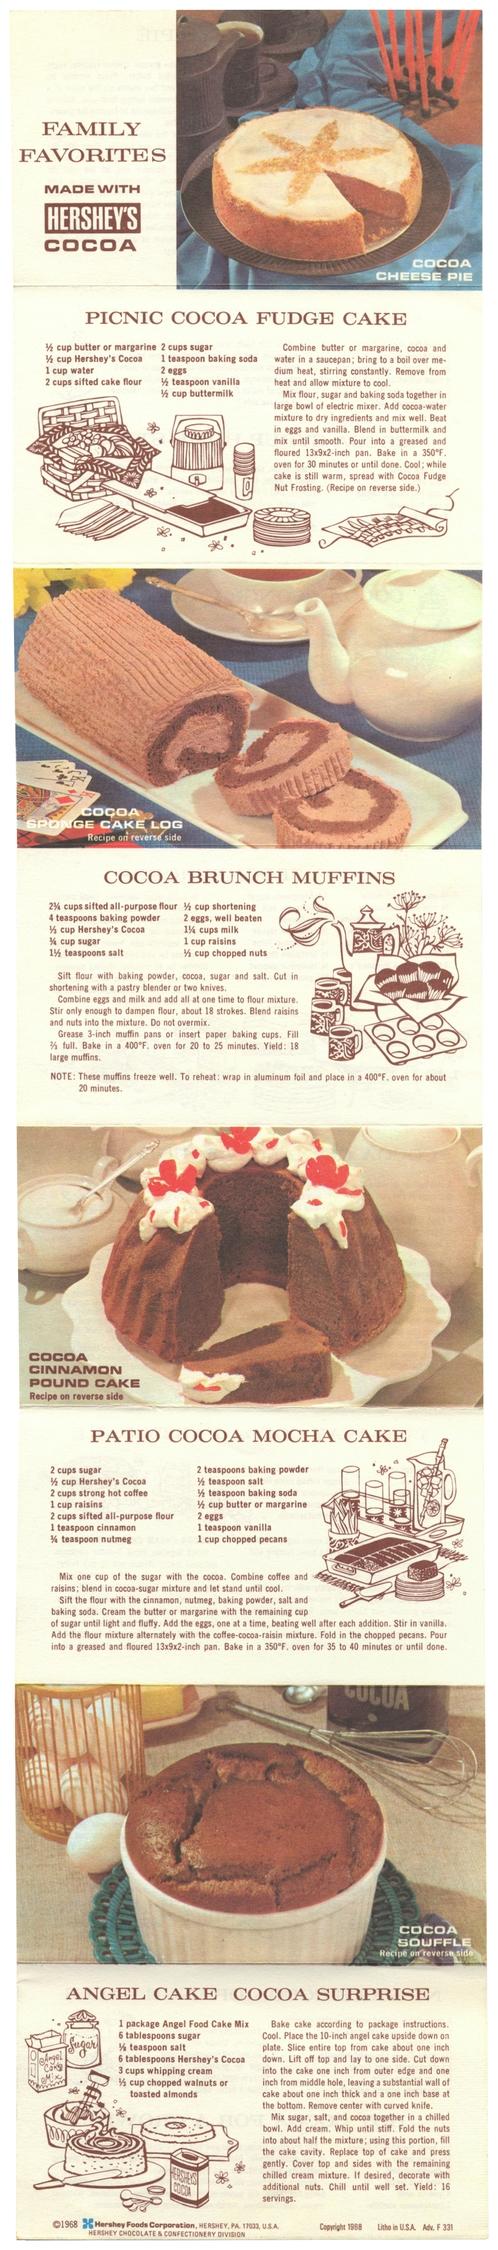 Picnic Cocoa Fudge Cake, Brunch - eudaemonius | ello